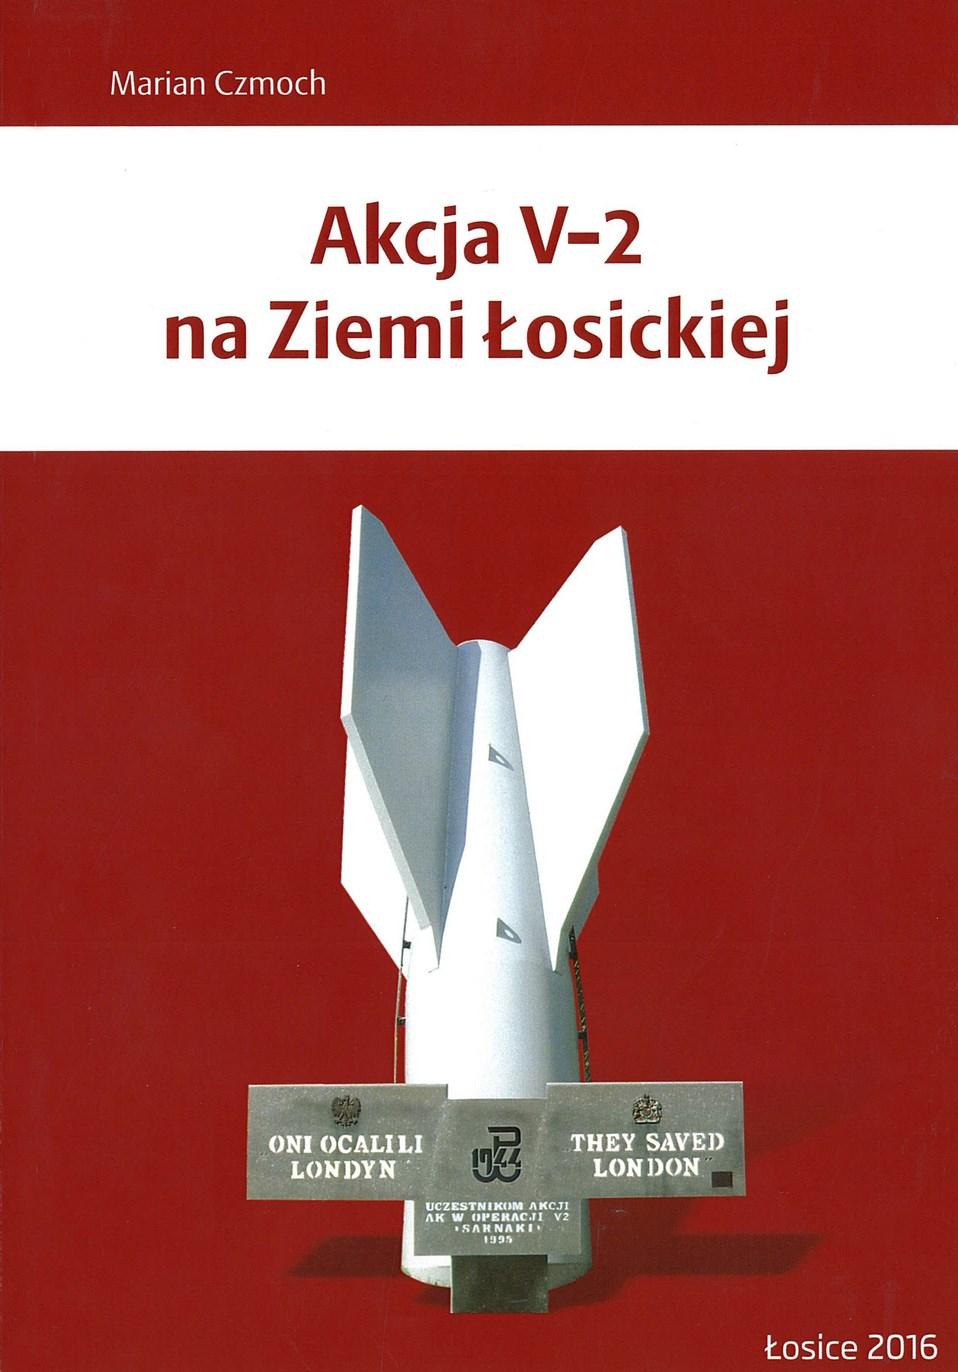 okładka książki AKCJA V-2 NA ZIEMI ŁOSICKIEJ , widok rakiety v2